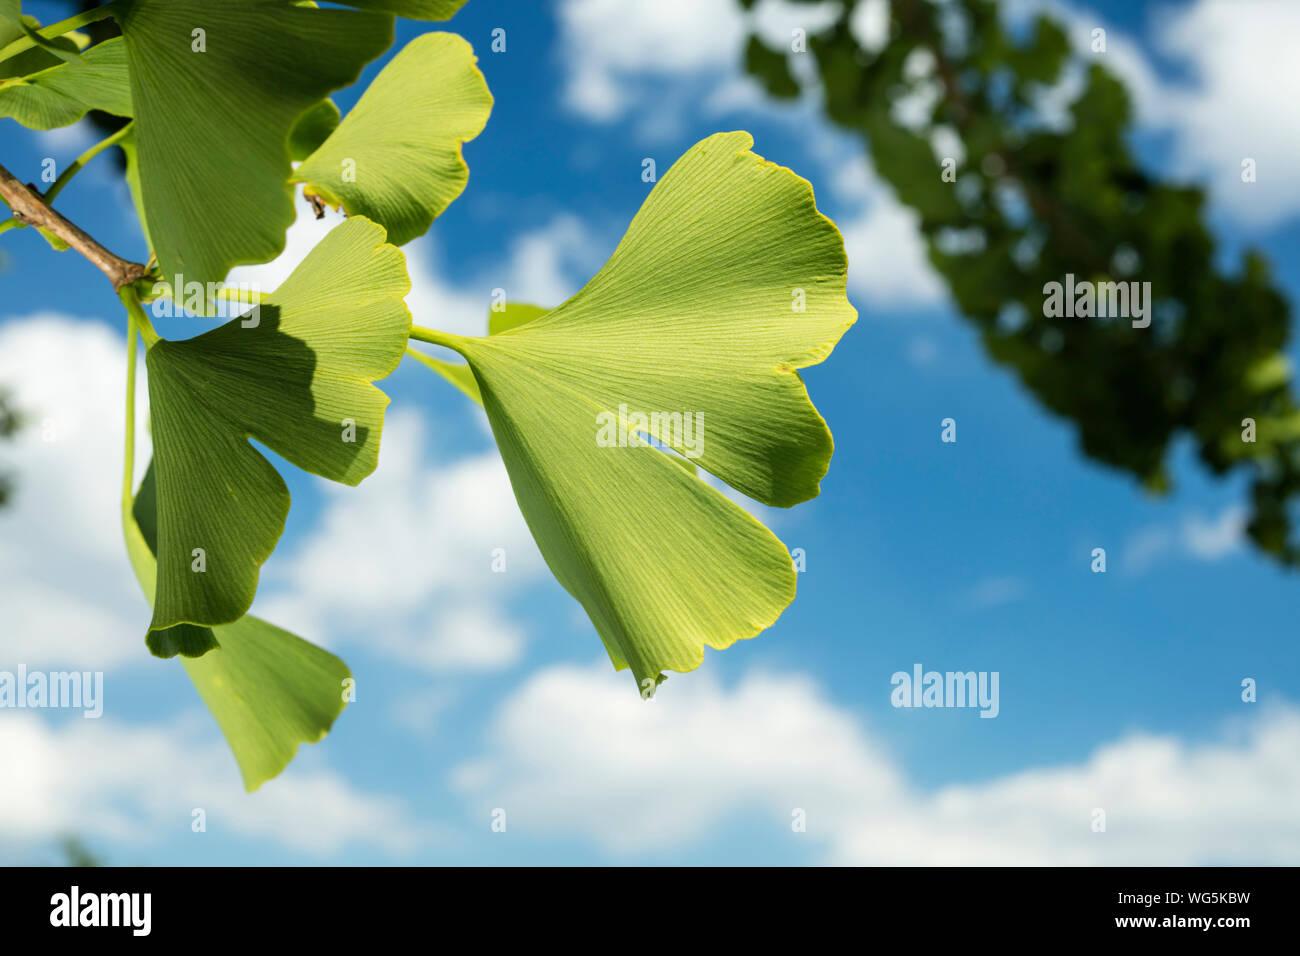 Basso angolo vista di fresco verde foglia contro Sky Foto Stock